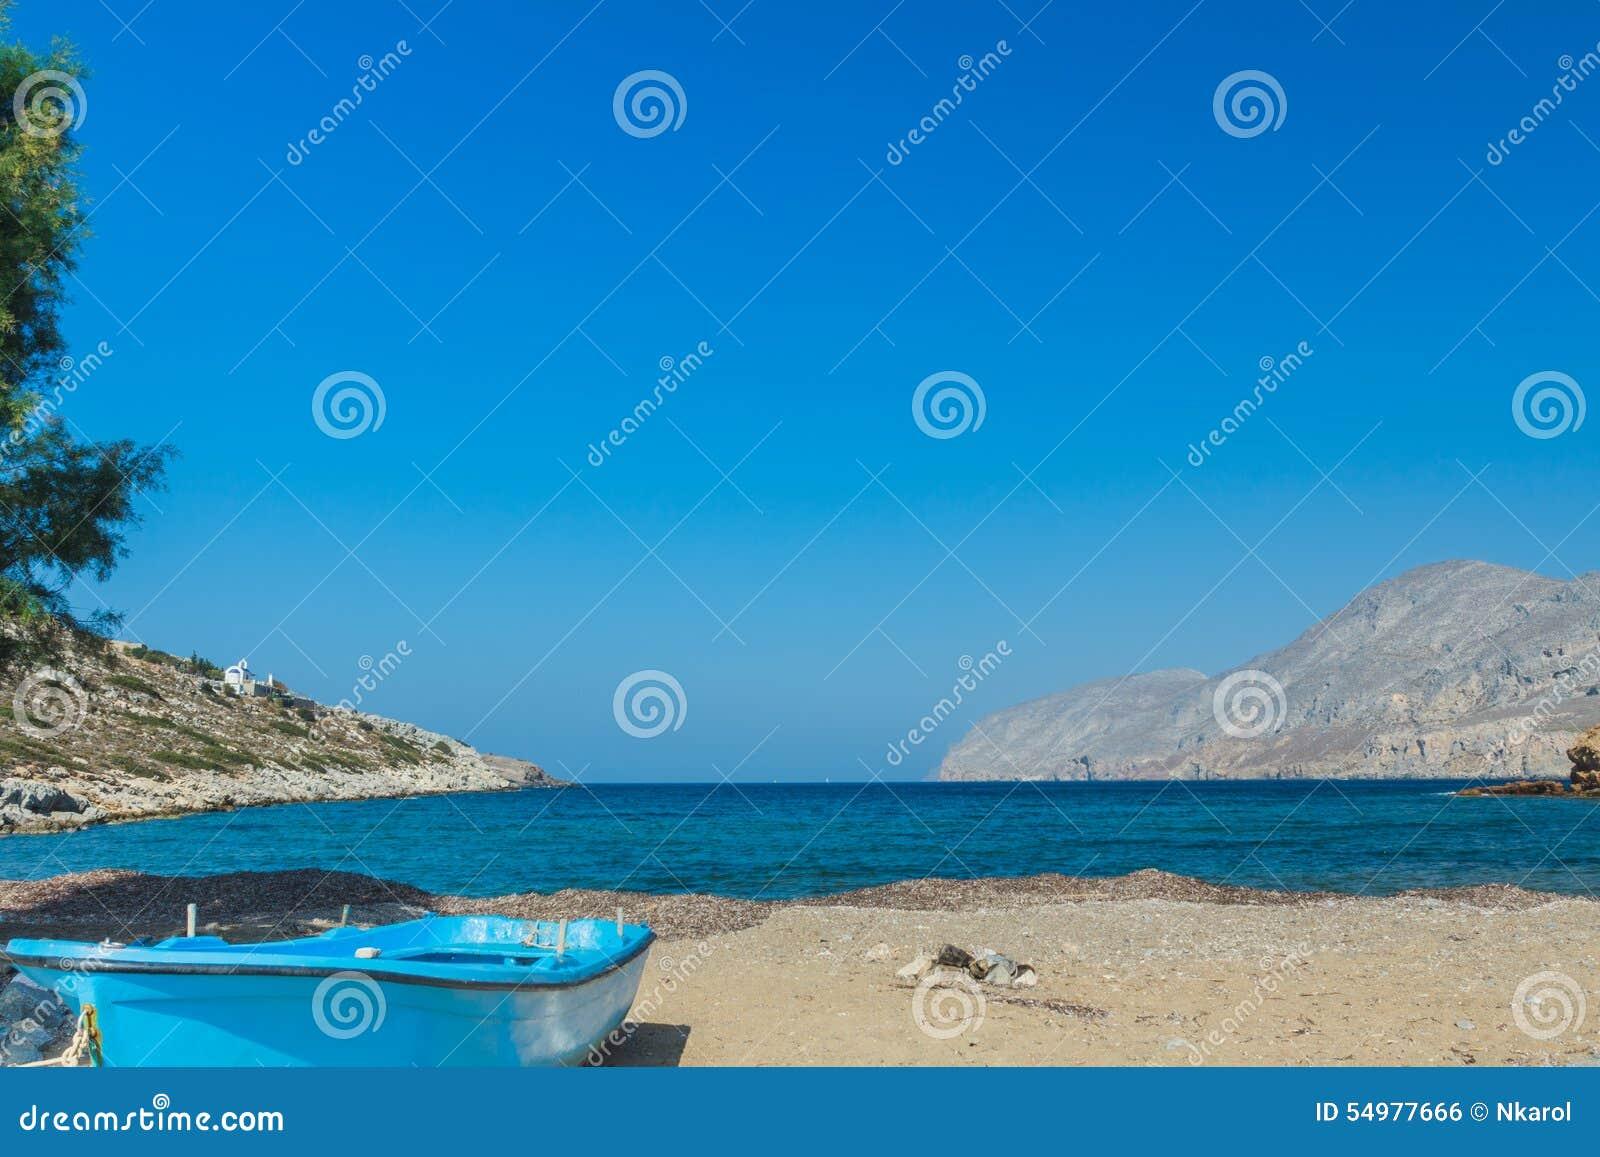 Azuurblauwe fishermansboot en overzeese horizonlijn op het strand van Alexi of van Alexis dichtbij het Griekse dorp van Emborios